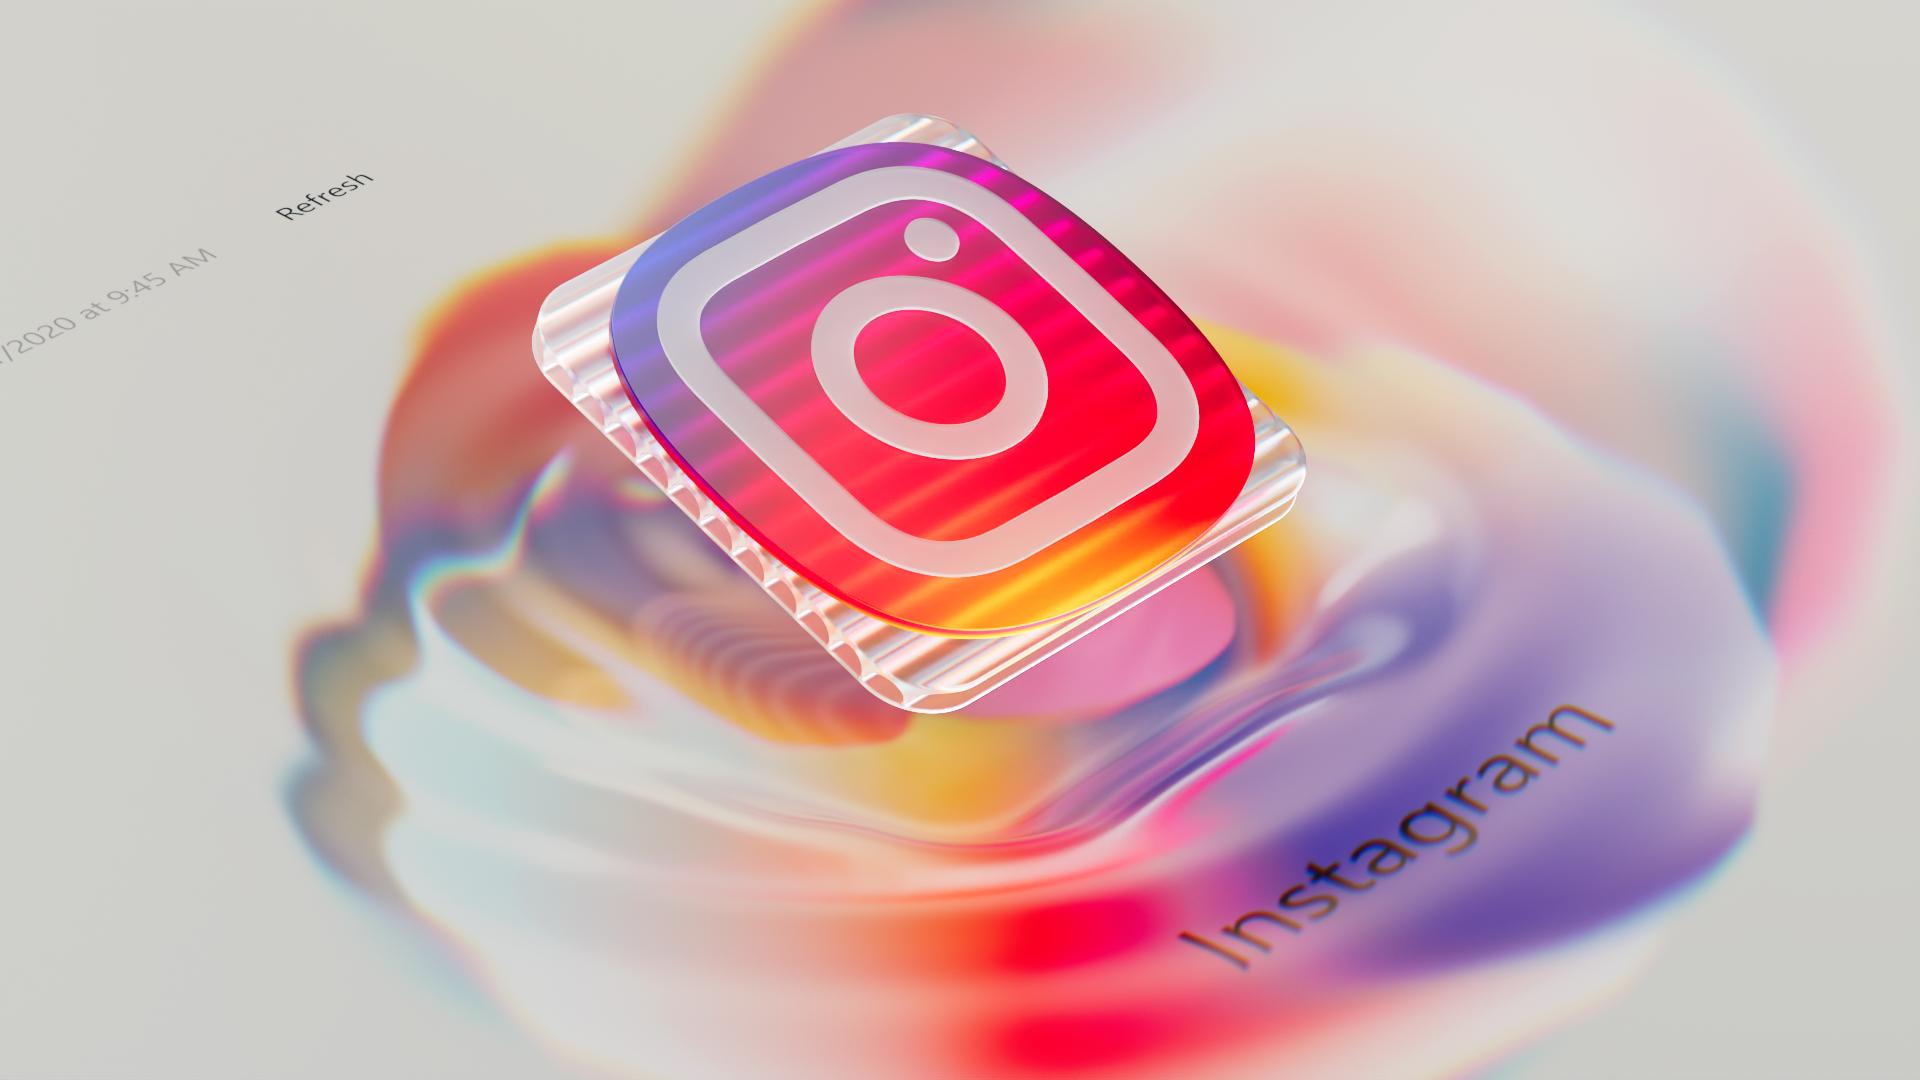 MS_CH02_YourPhone_Instagram_Settle_03.pn